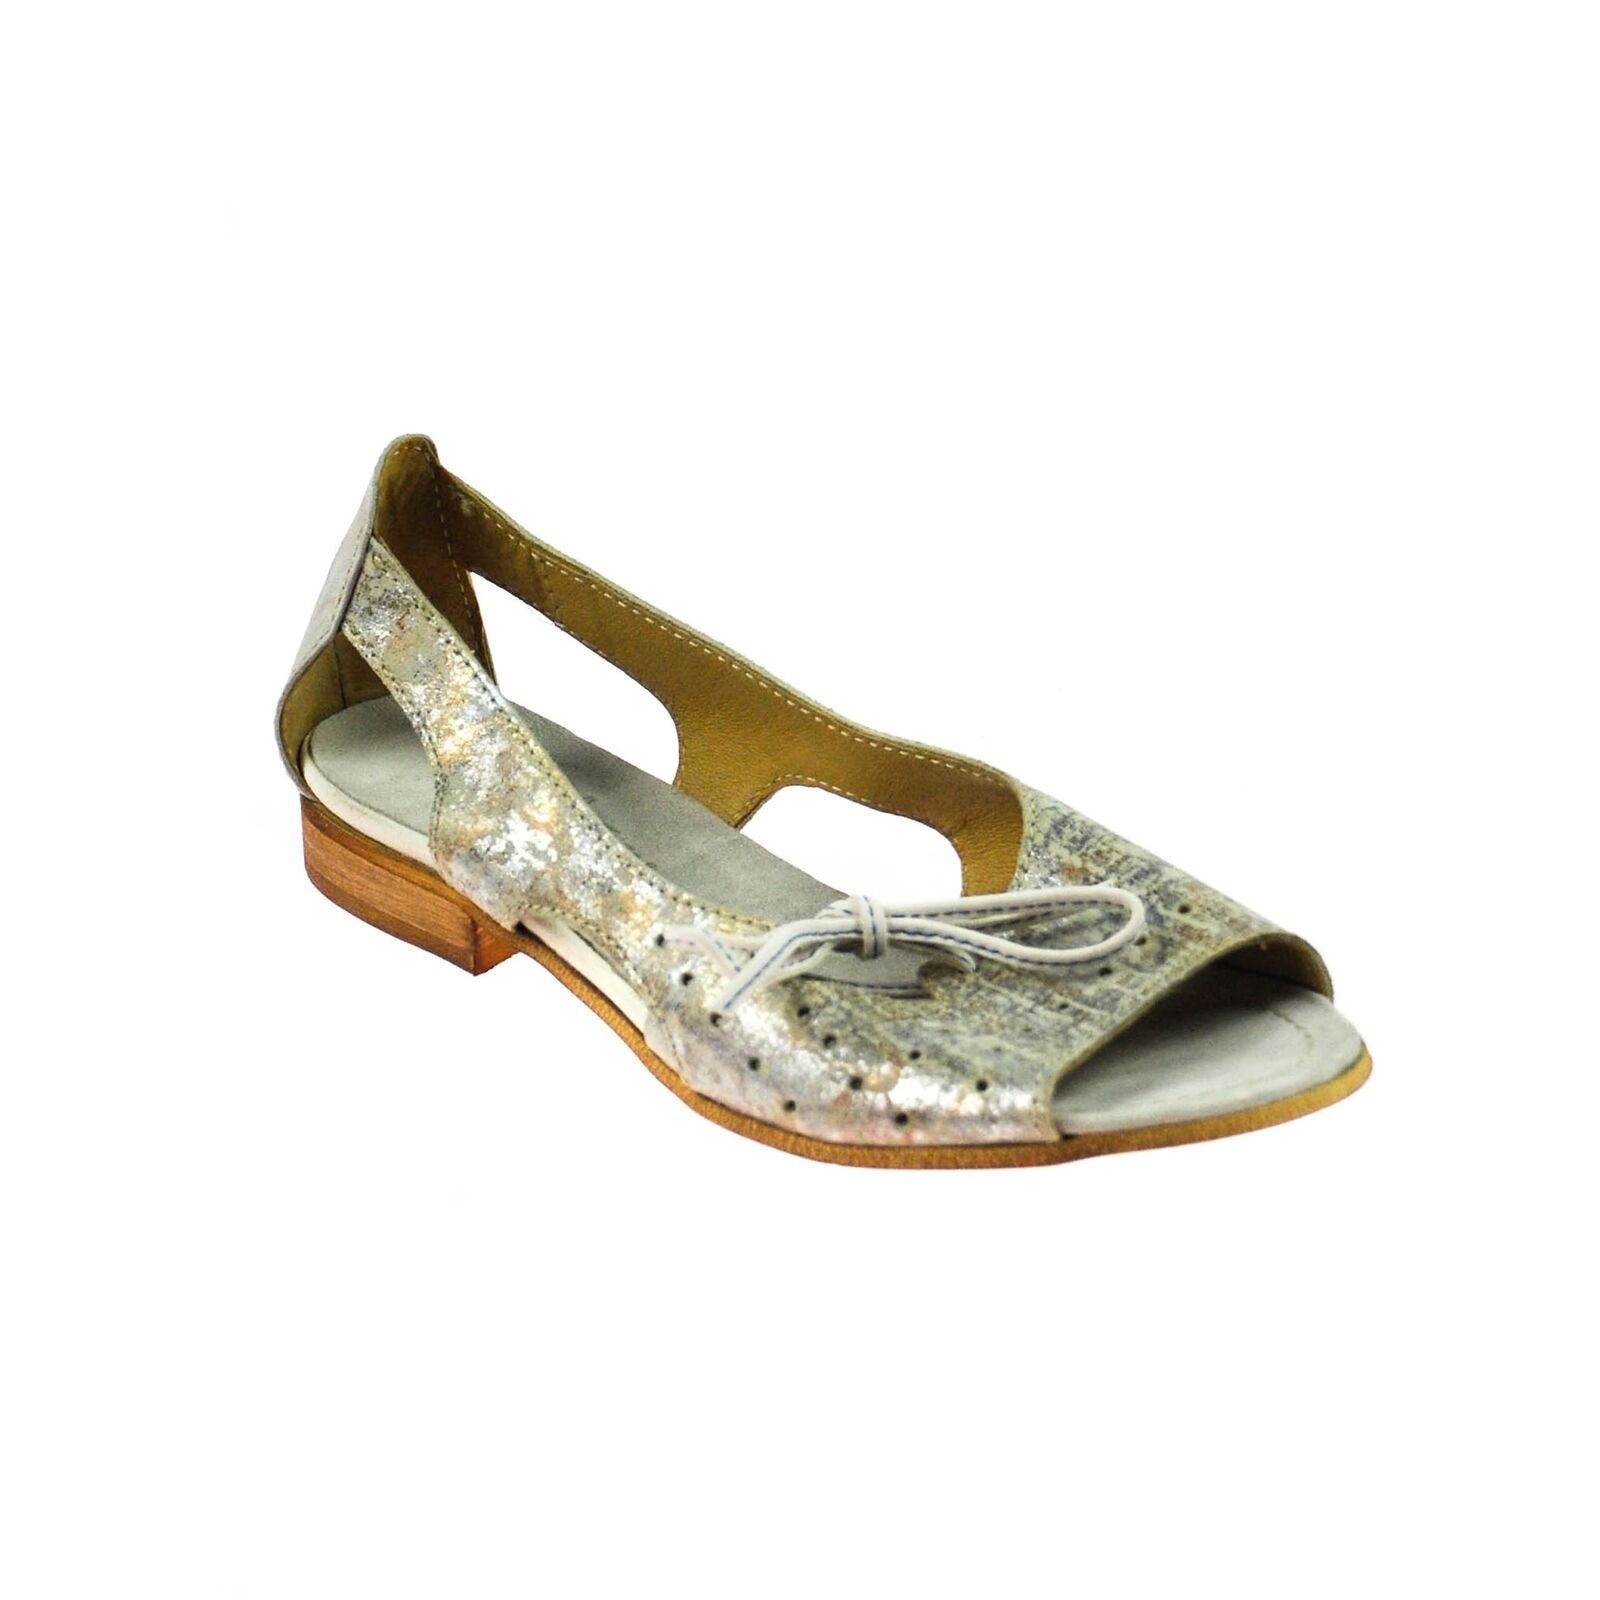 Fascino Sandalo Da Donna Scarpe Basse in in in Pelle APERTO GRIGIO argentoO Multicoloree 98e905